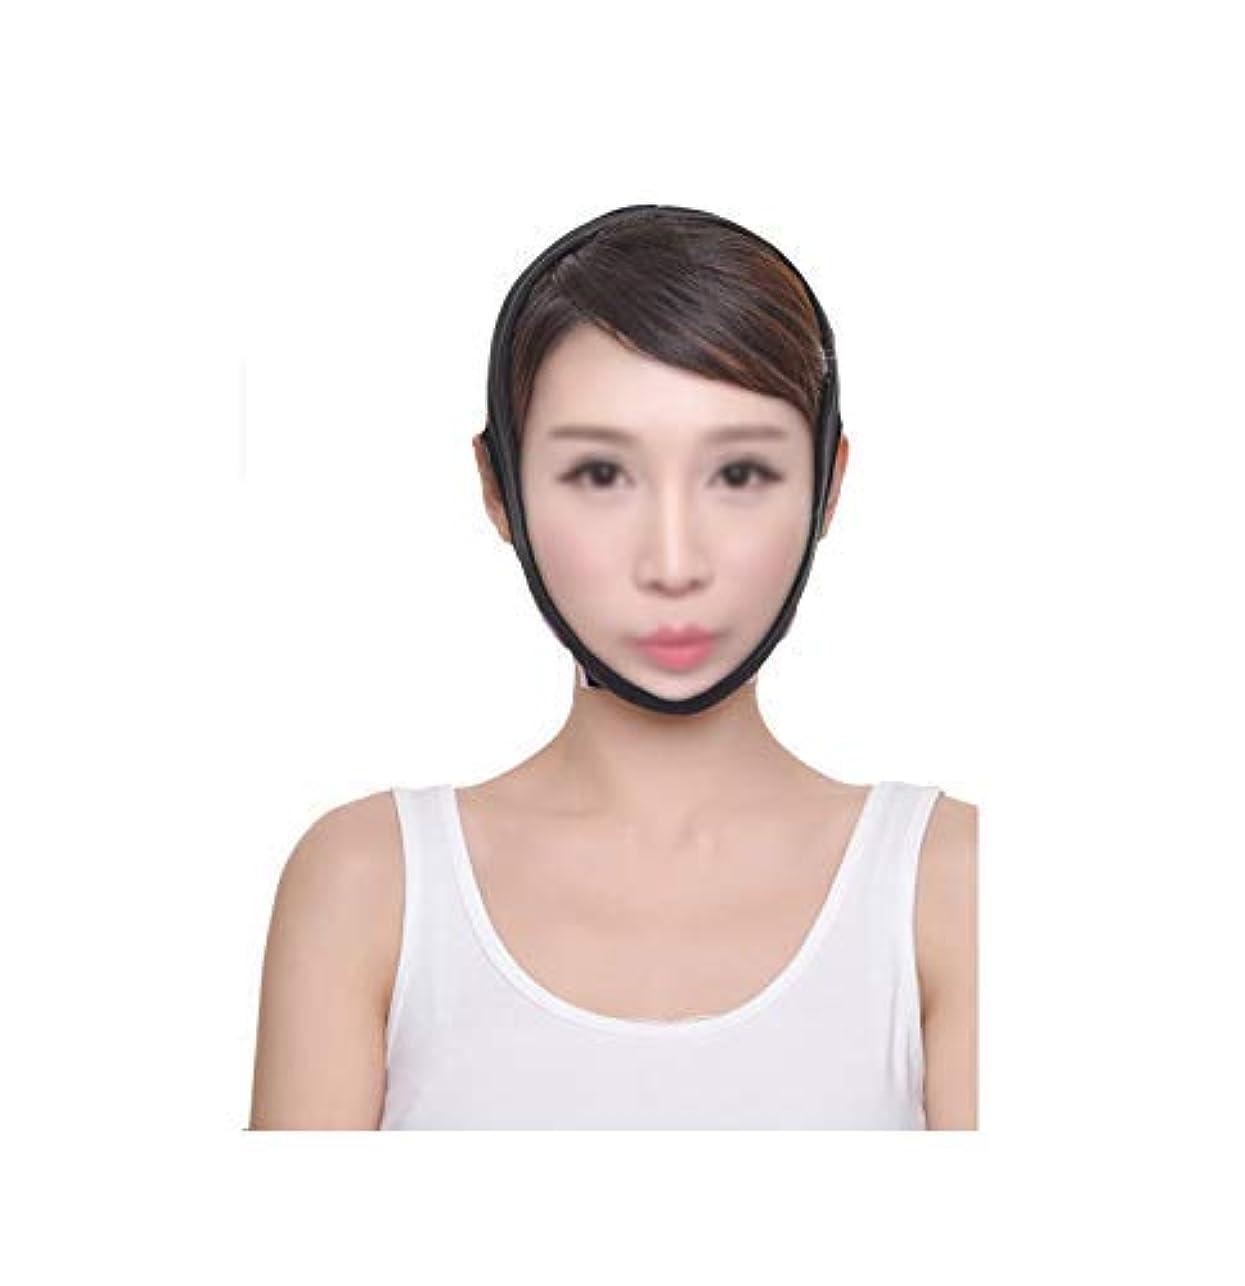 イデオロギーデザートアリファーミングフェイスマスク、フェイスリフティングアーティファクト脂肪吸引術術後整形二重あご美容マスクブラックフード(サイズ:L)